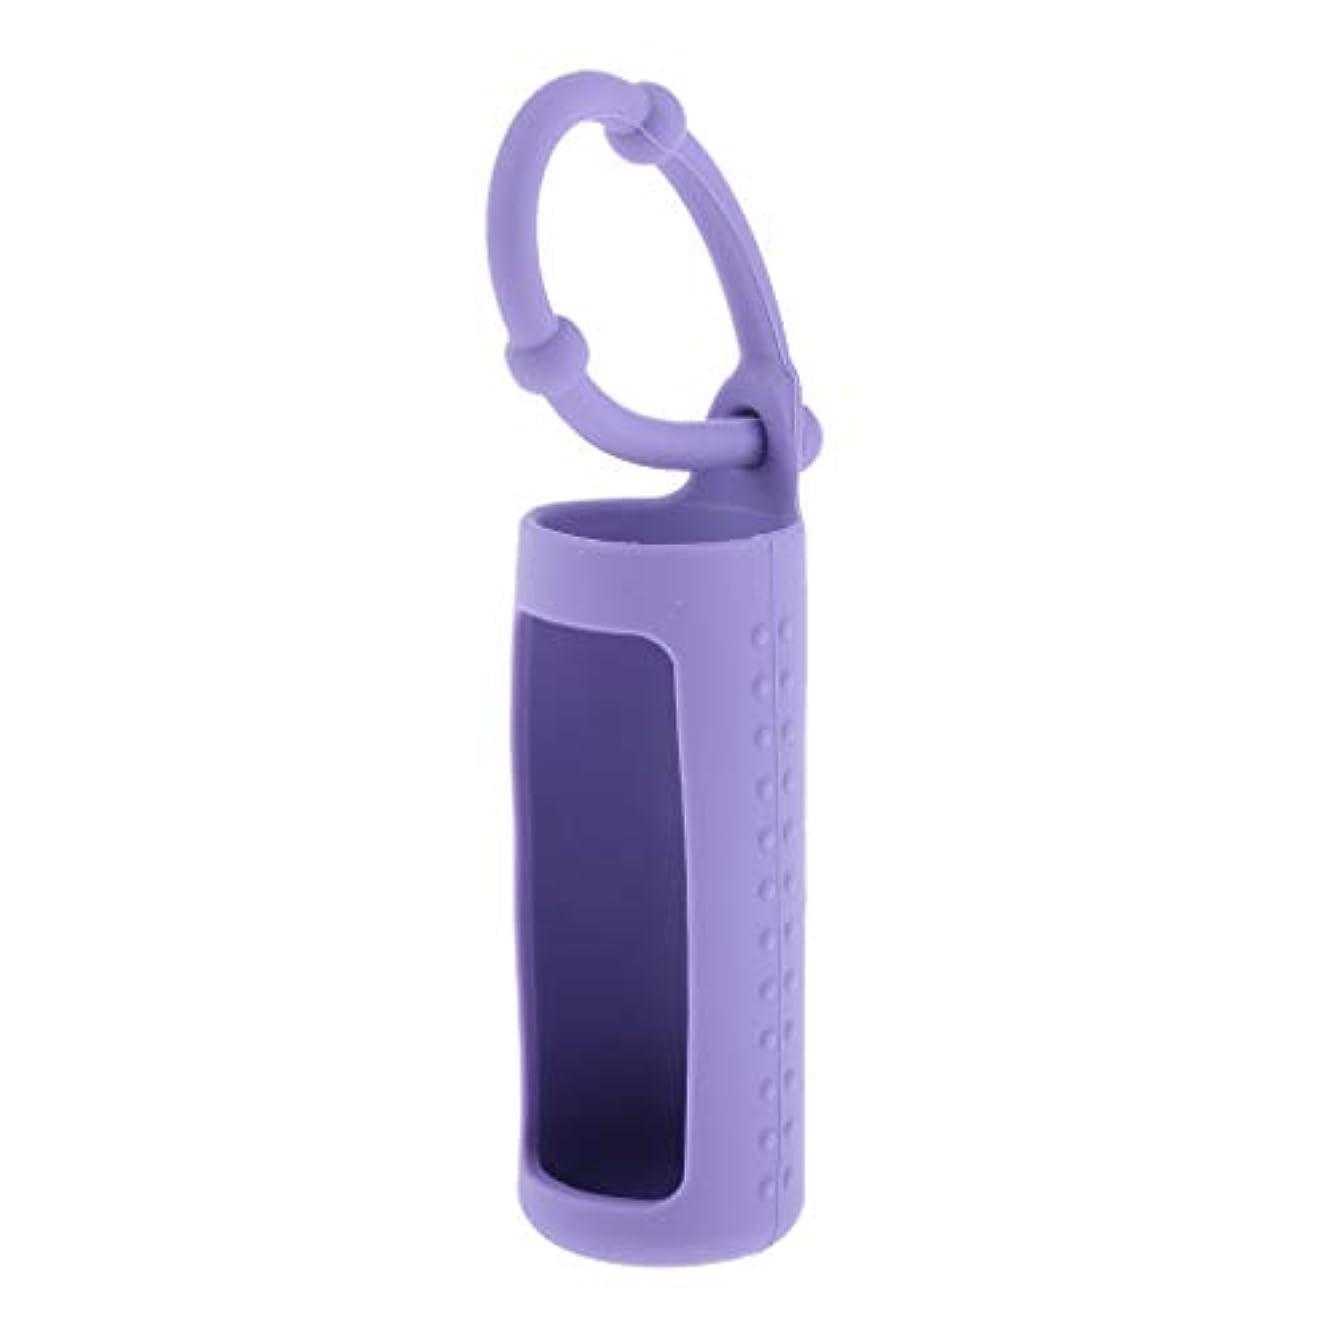 フラフープ申請者接続されたdailymall エッセンシャルオイル 精油 香水ボトル ホルダー 詰替え容器 吊り掛け 10ml 全6色 - 紫